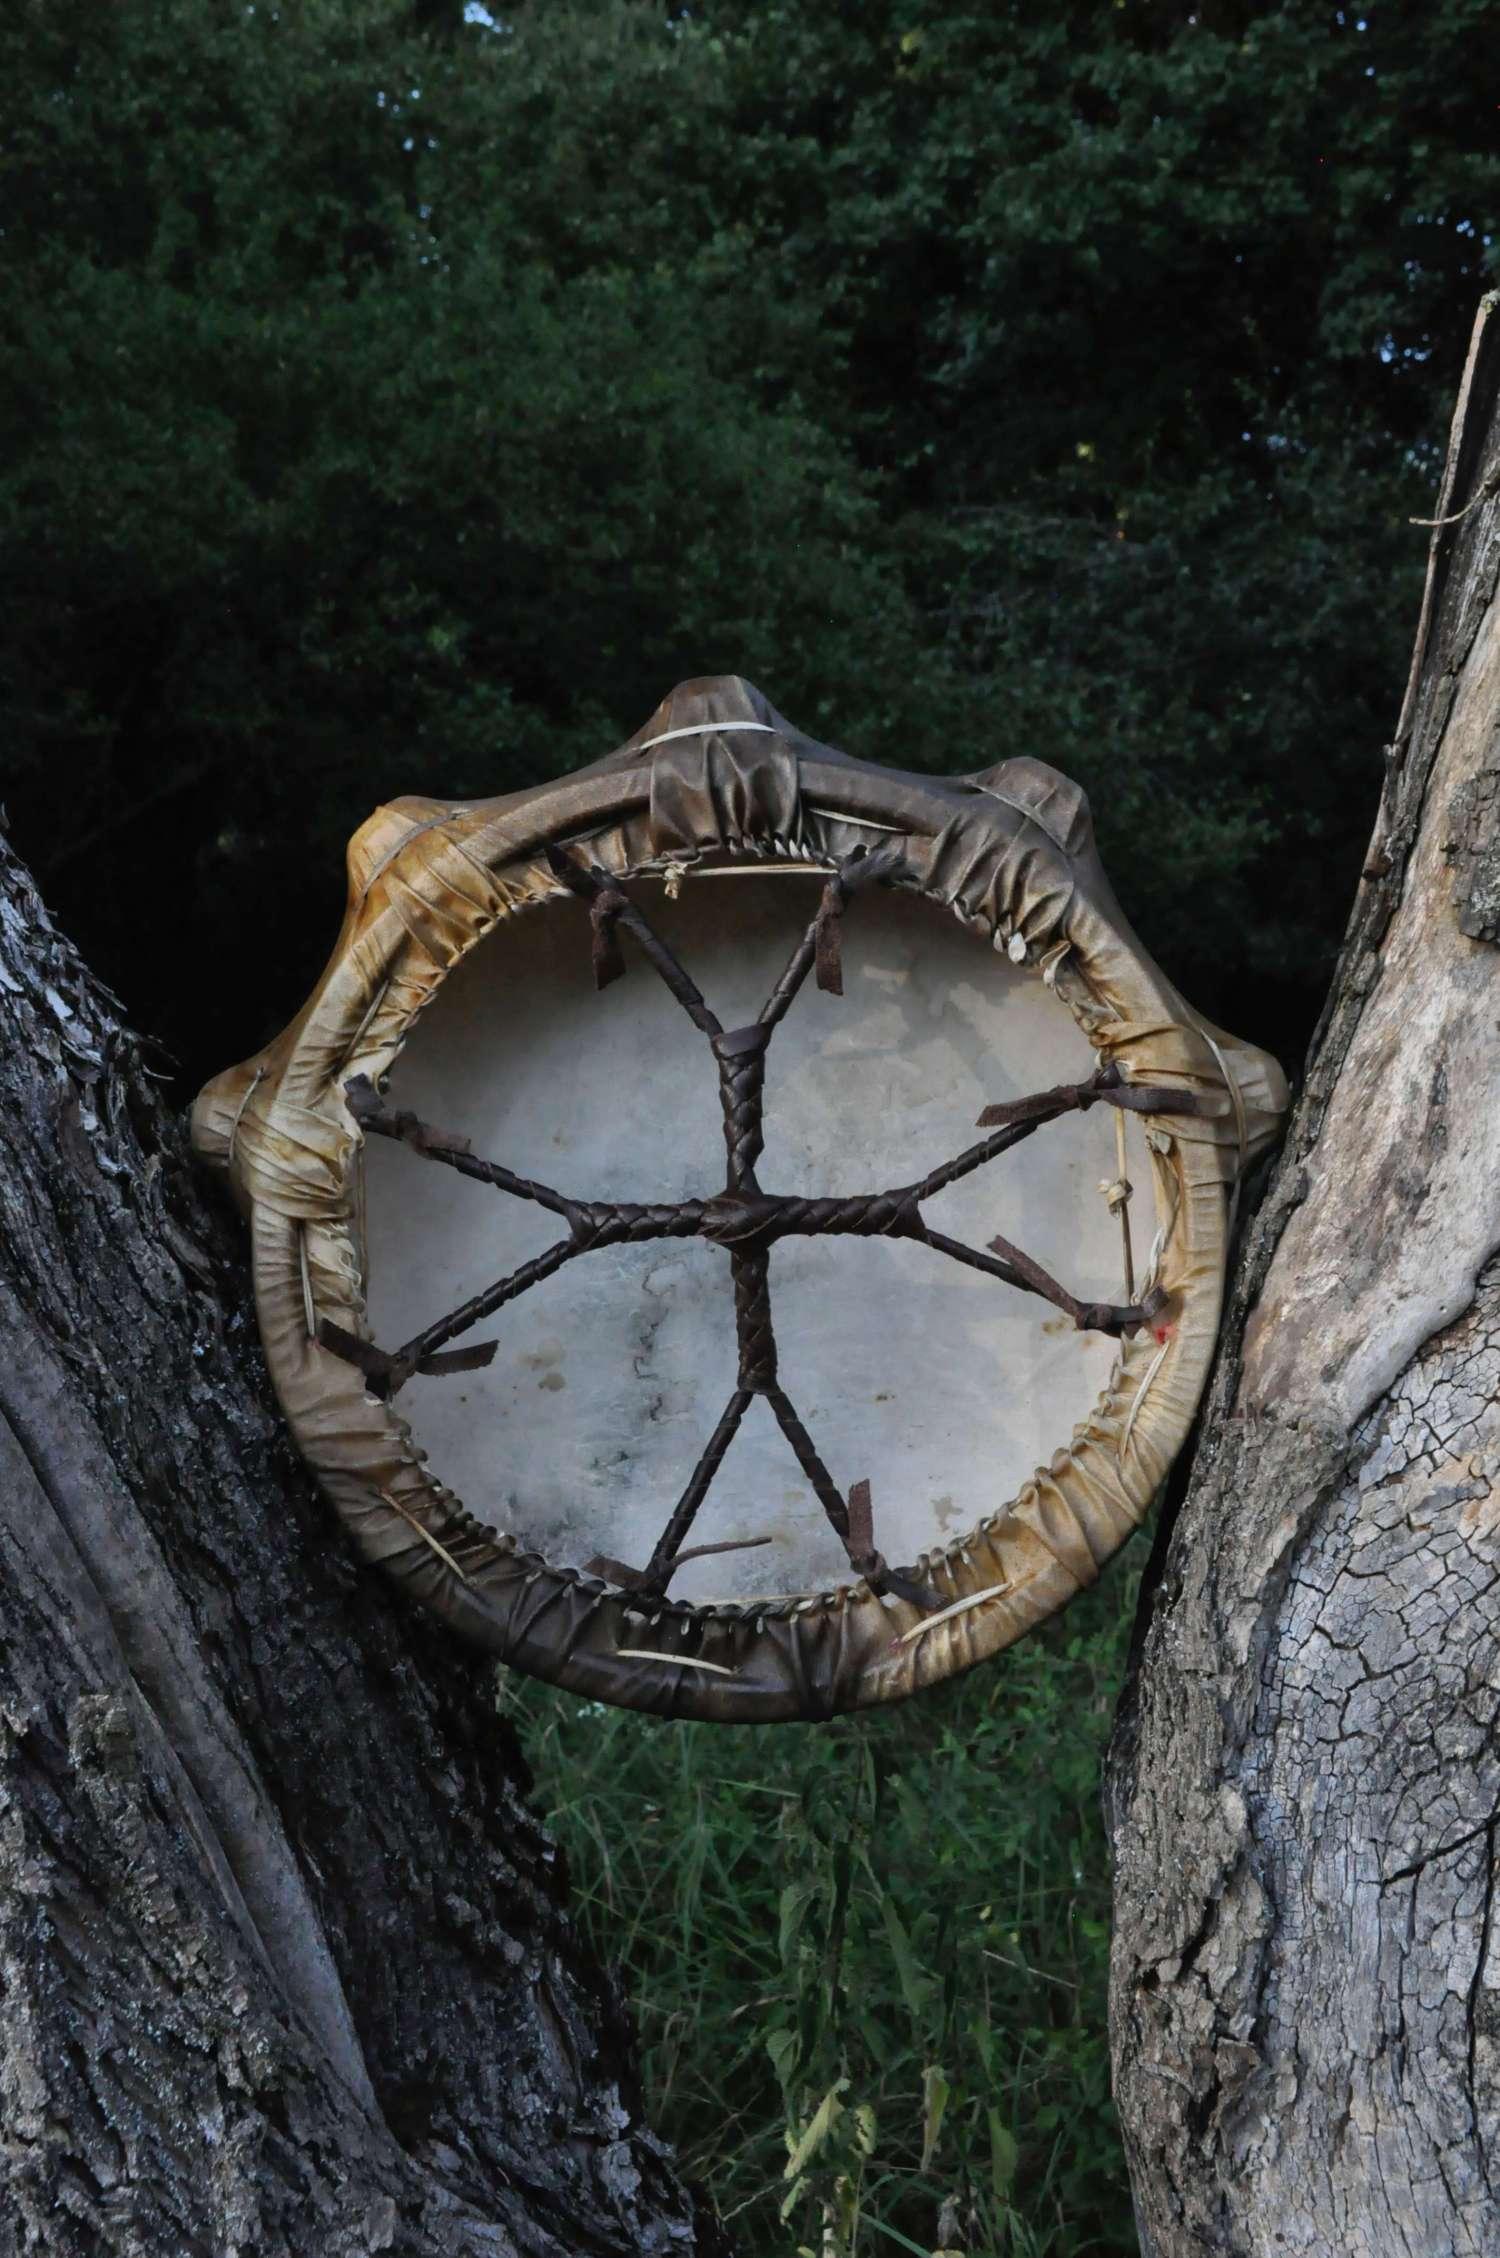 Tuvan shaman drum